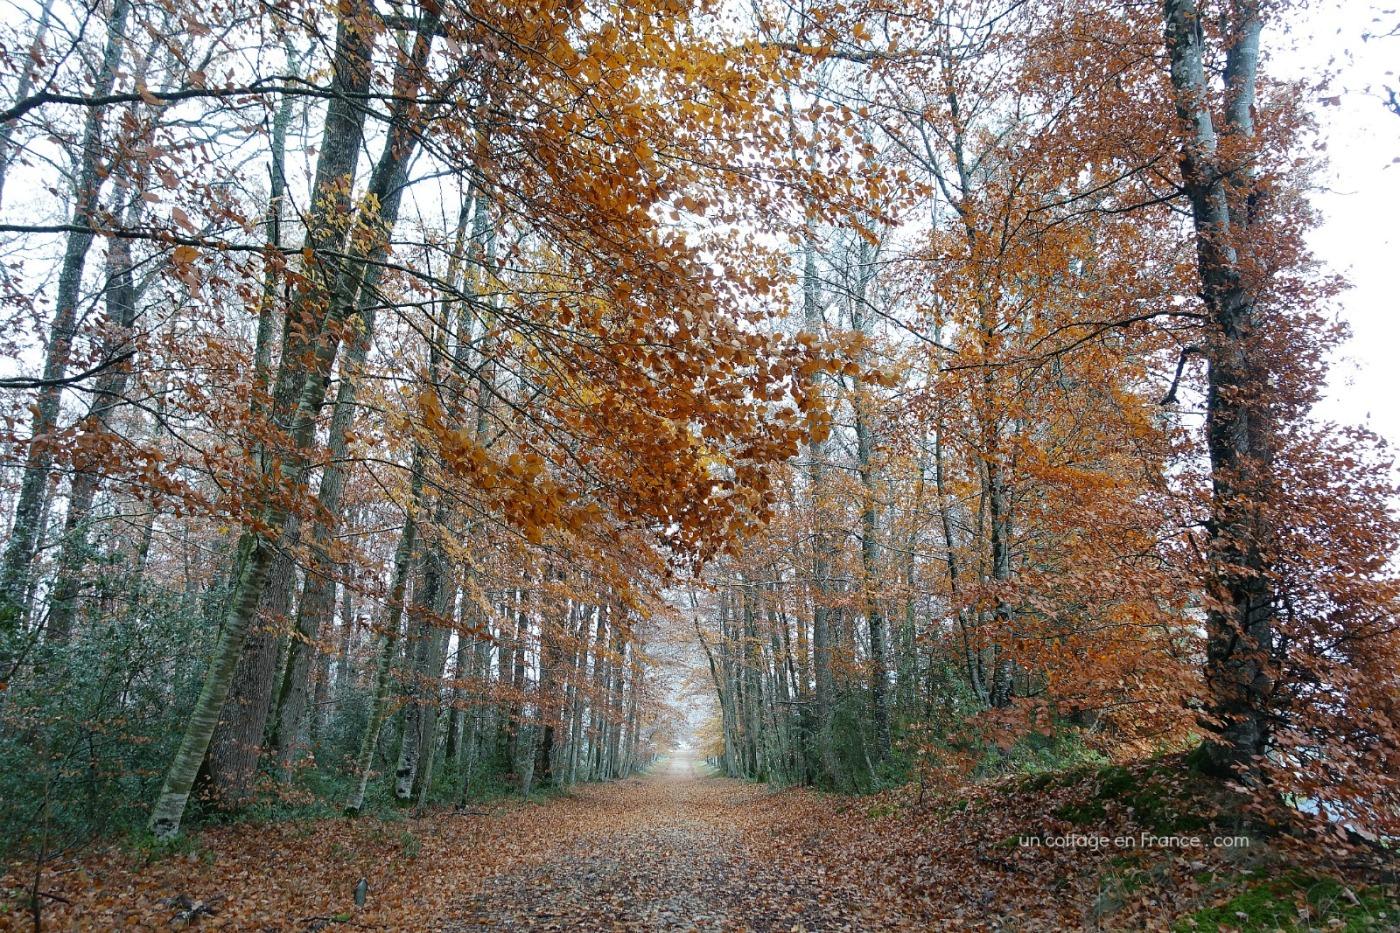 Allée d'automne aux Martinettes en Limousin